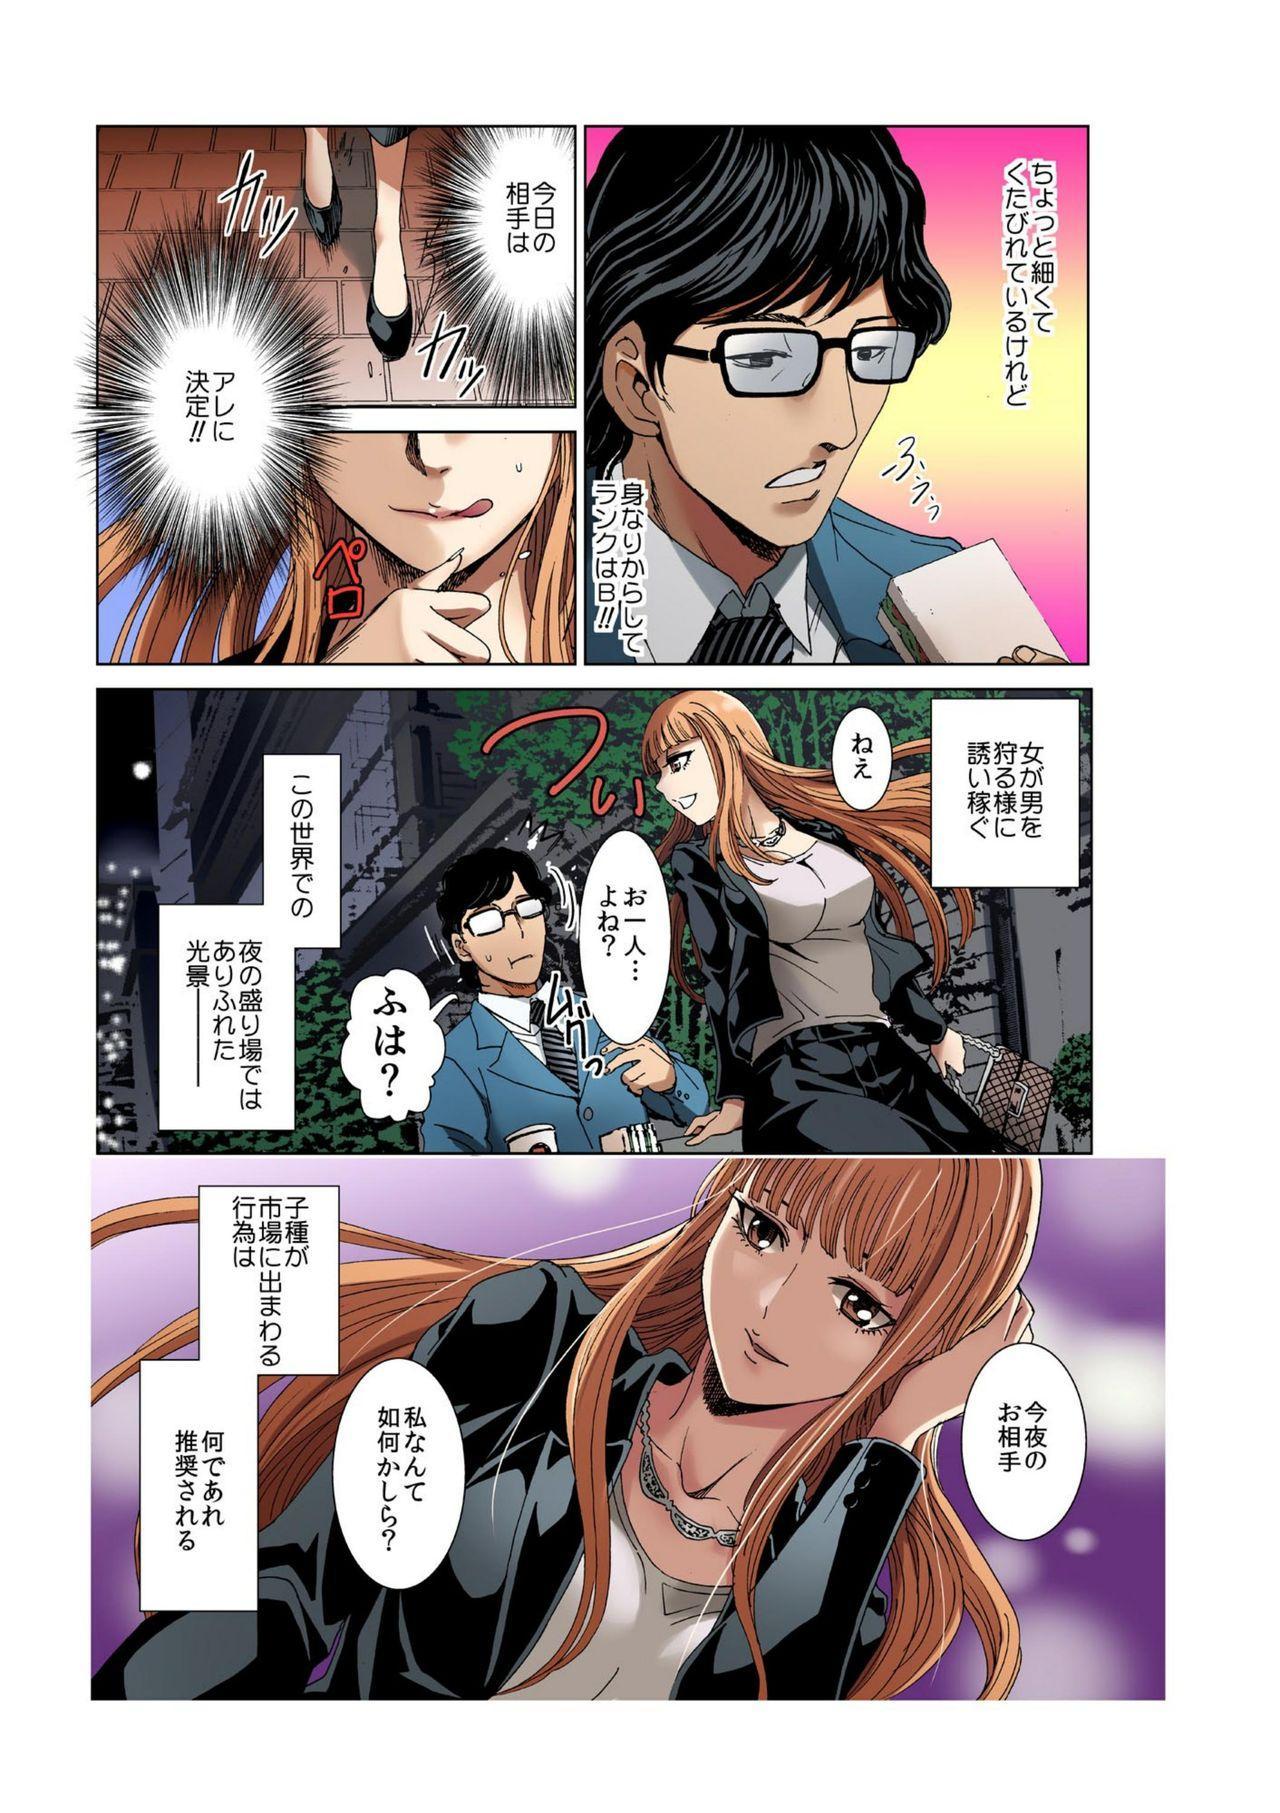 [Rurukichi] Seishi ga Kane ni Naru Jidai ~Mesubuta ga Muragaru Ore-sama no Kokan~ 1 9